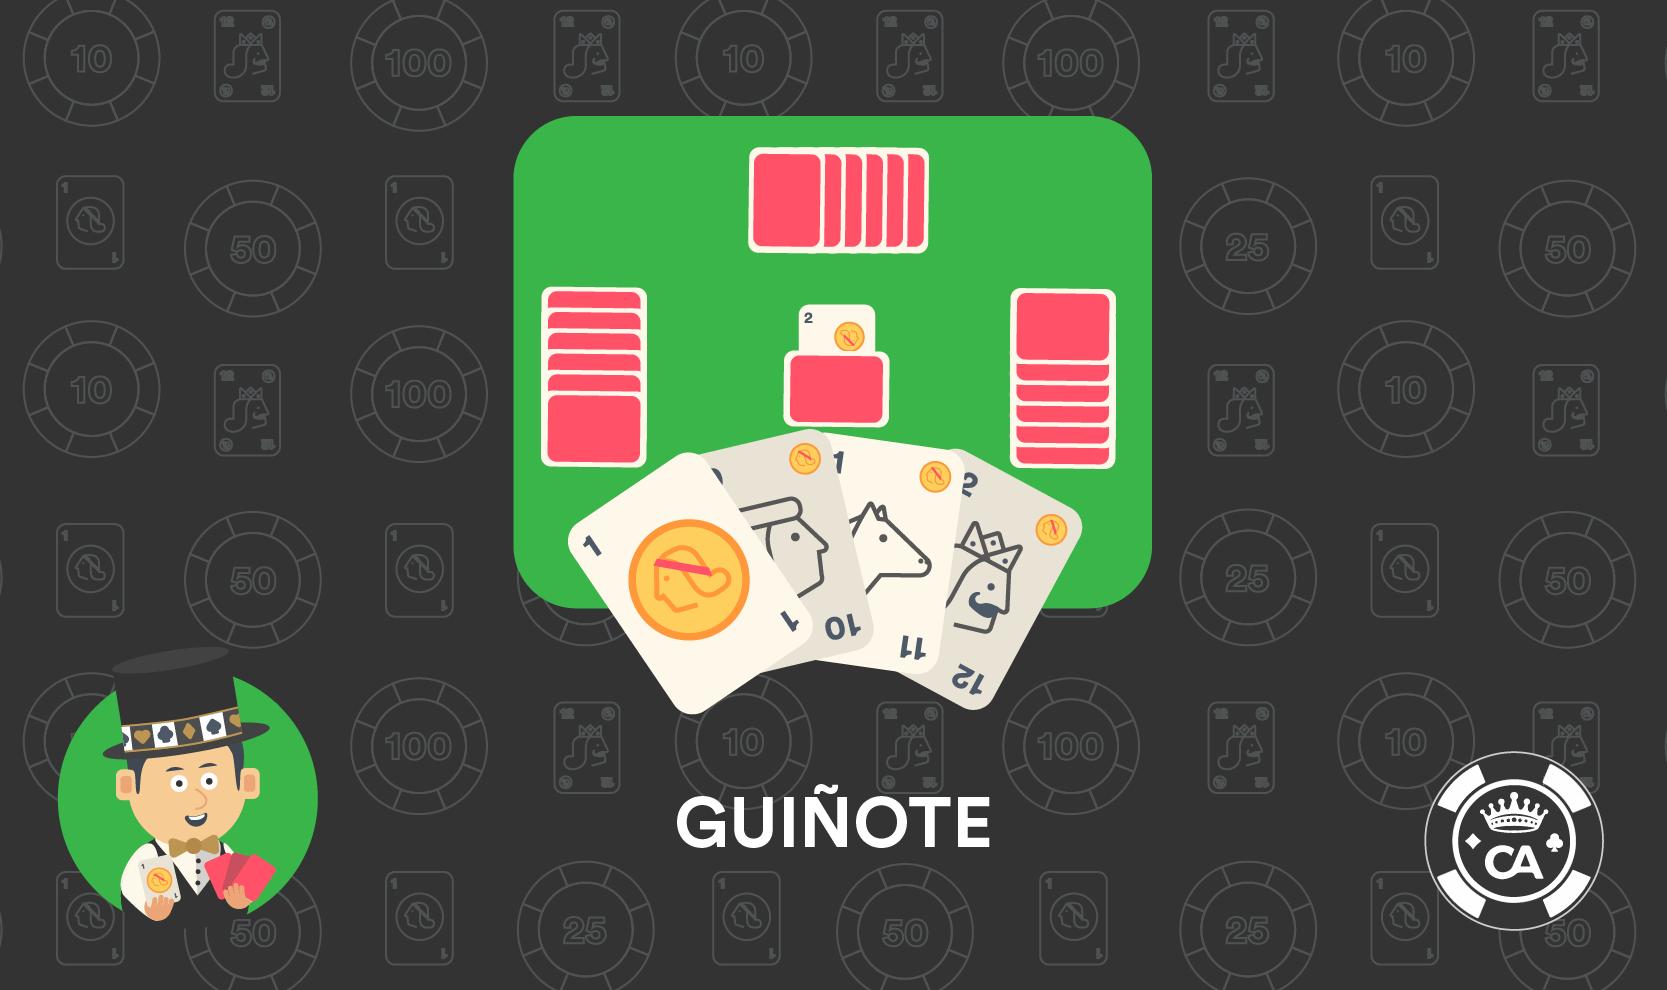 Reglas Guiñote